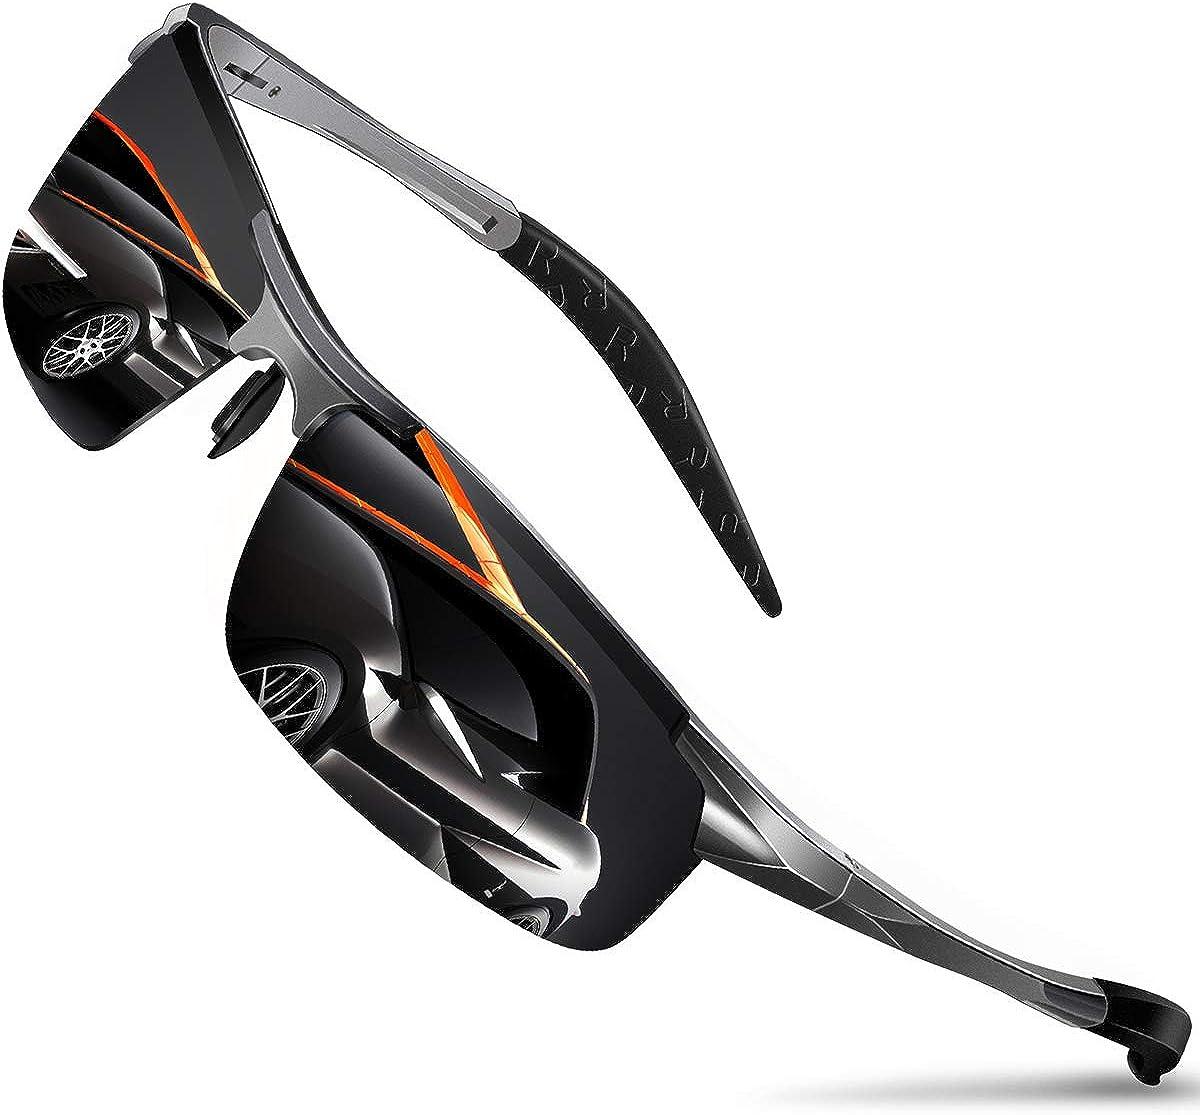 DADA-PRO Sonnenbrille Herren Sportbrille Damen Polarisiert Verspiegelt Retro Fahren Fahrerbrille UV400 Schutz für Autofahren Reisen Golf Party und Freizeit (Grau Neu/Nicht Vespiegelte Linse): Amazon.de: Bekleidung - Coole Sonnenbrille